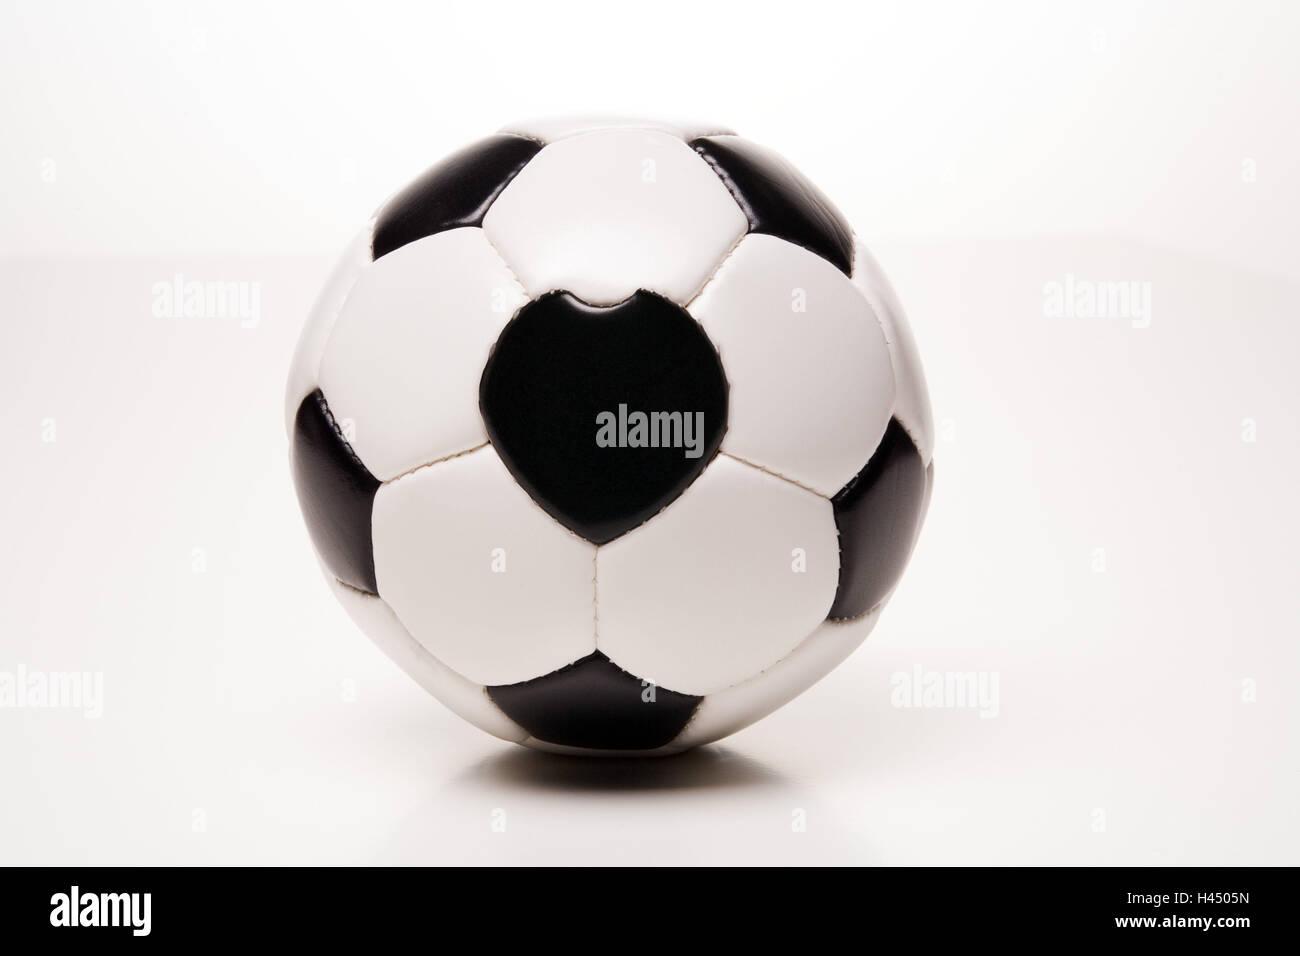 Fussball Leder Flecken Herzformige Ball Lederball